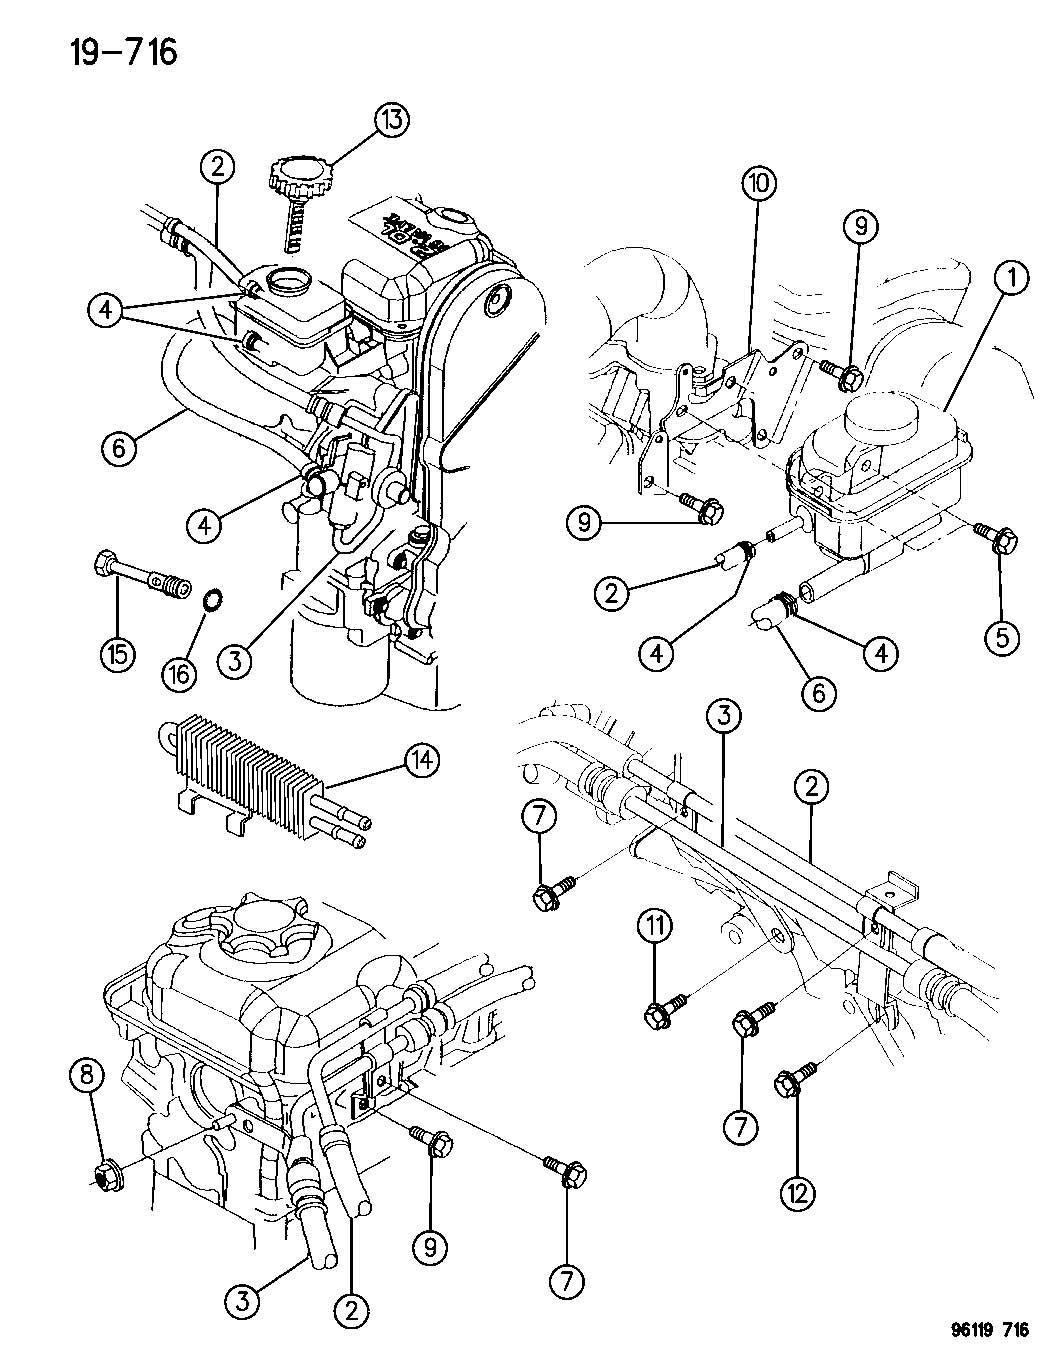 2000 Dodge Stratus Hose. Power steering pressure. Pump to